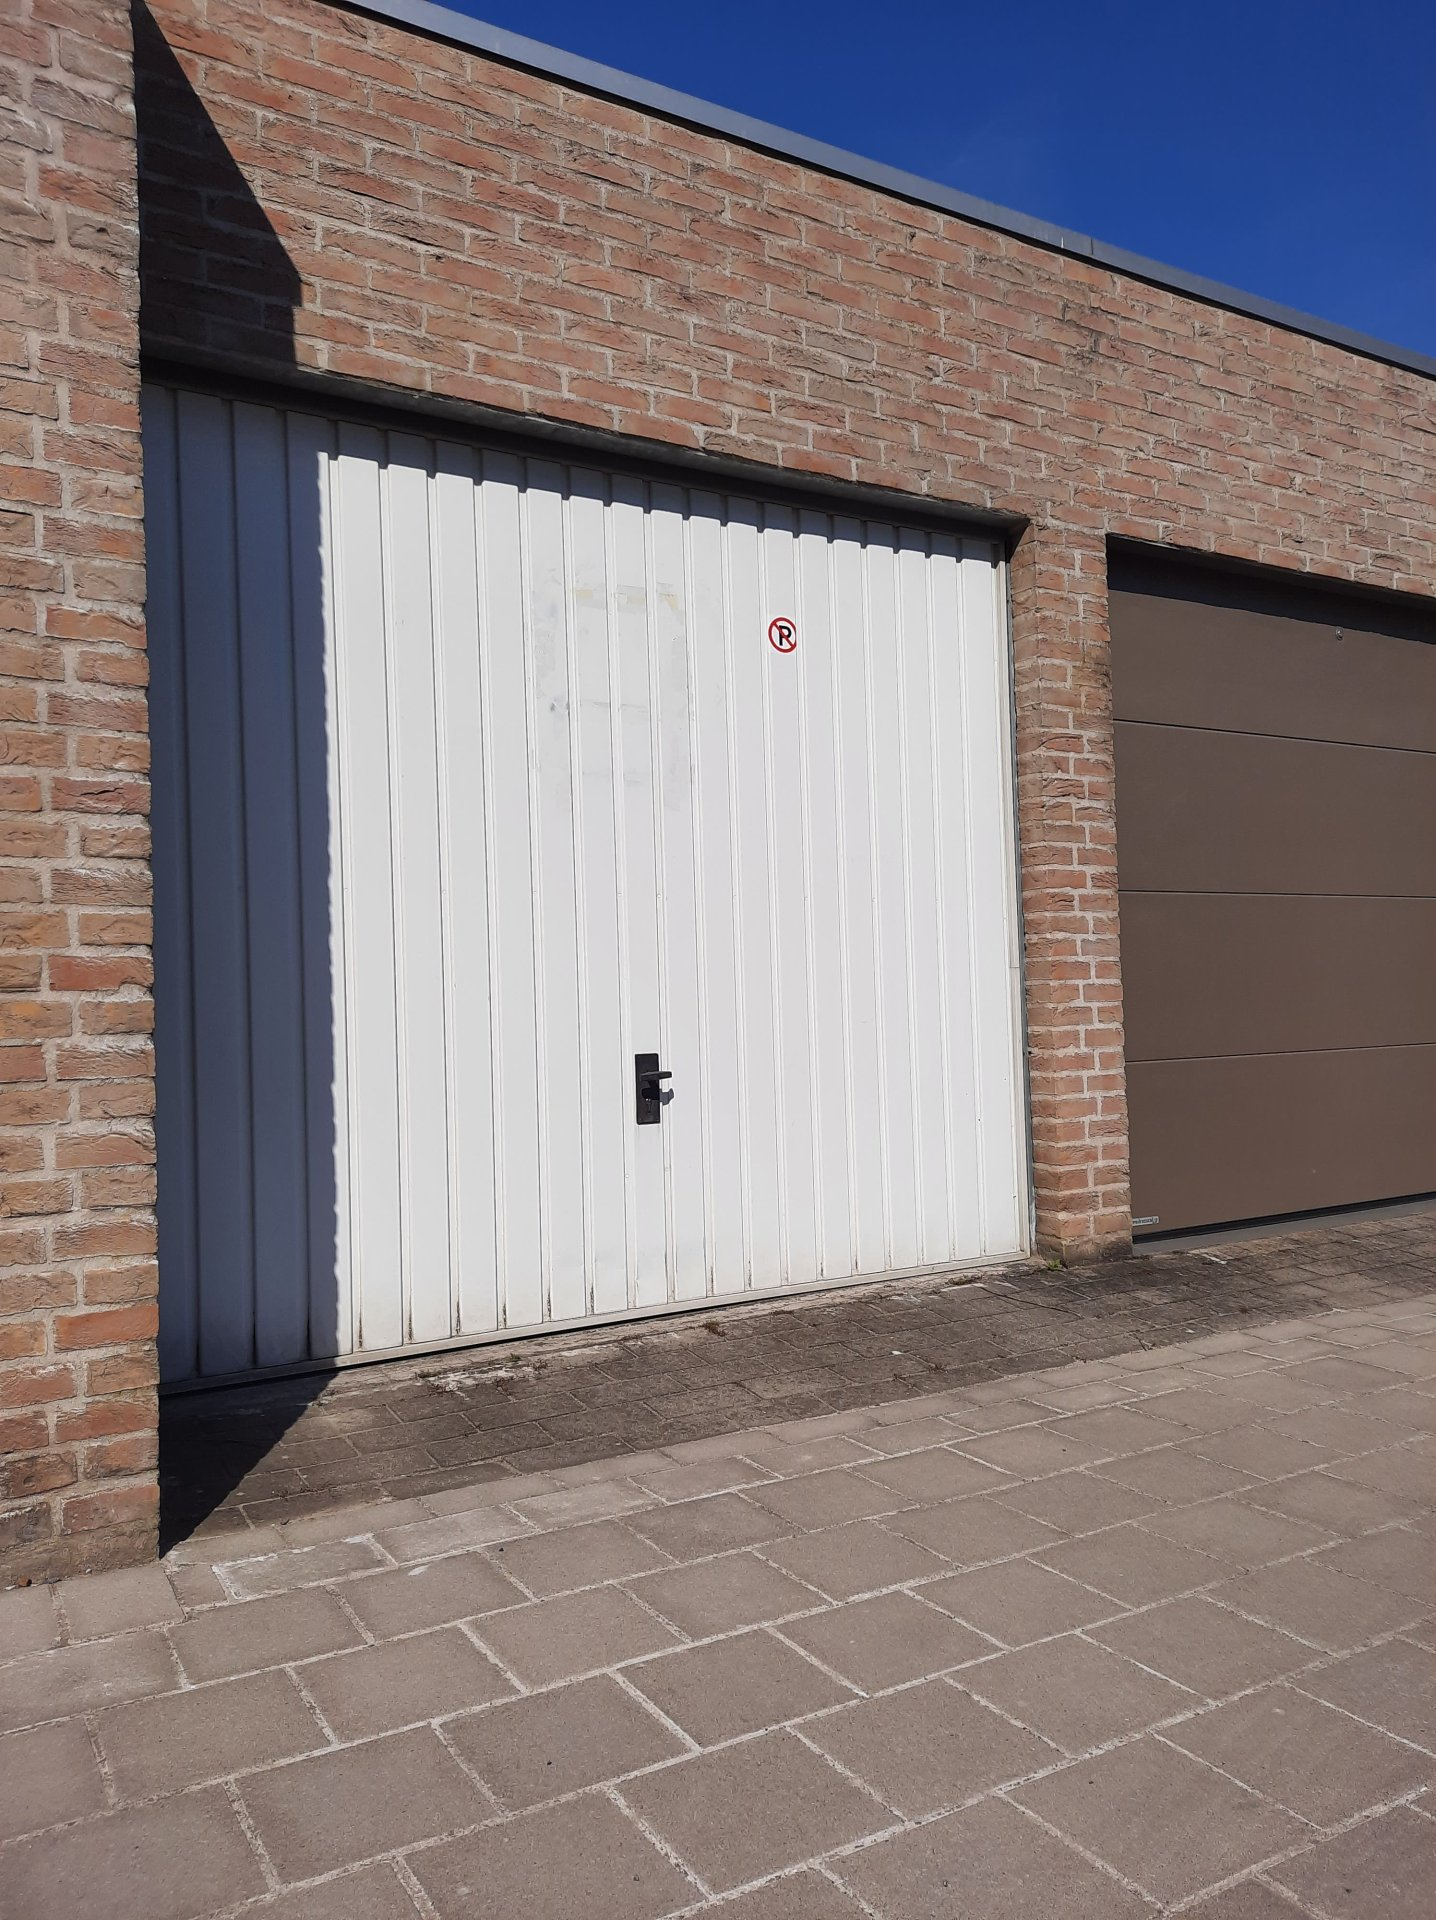 JV6EC4202105050851/33aba9043c424c60b450d05bfdc06a87/garage.jpg